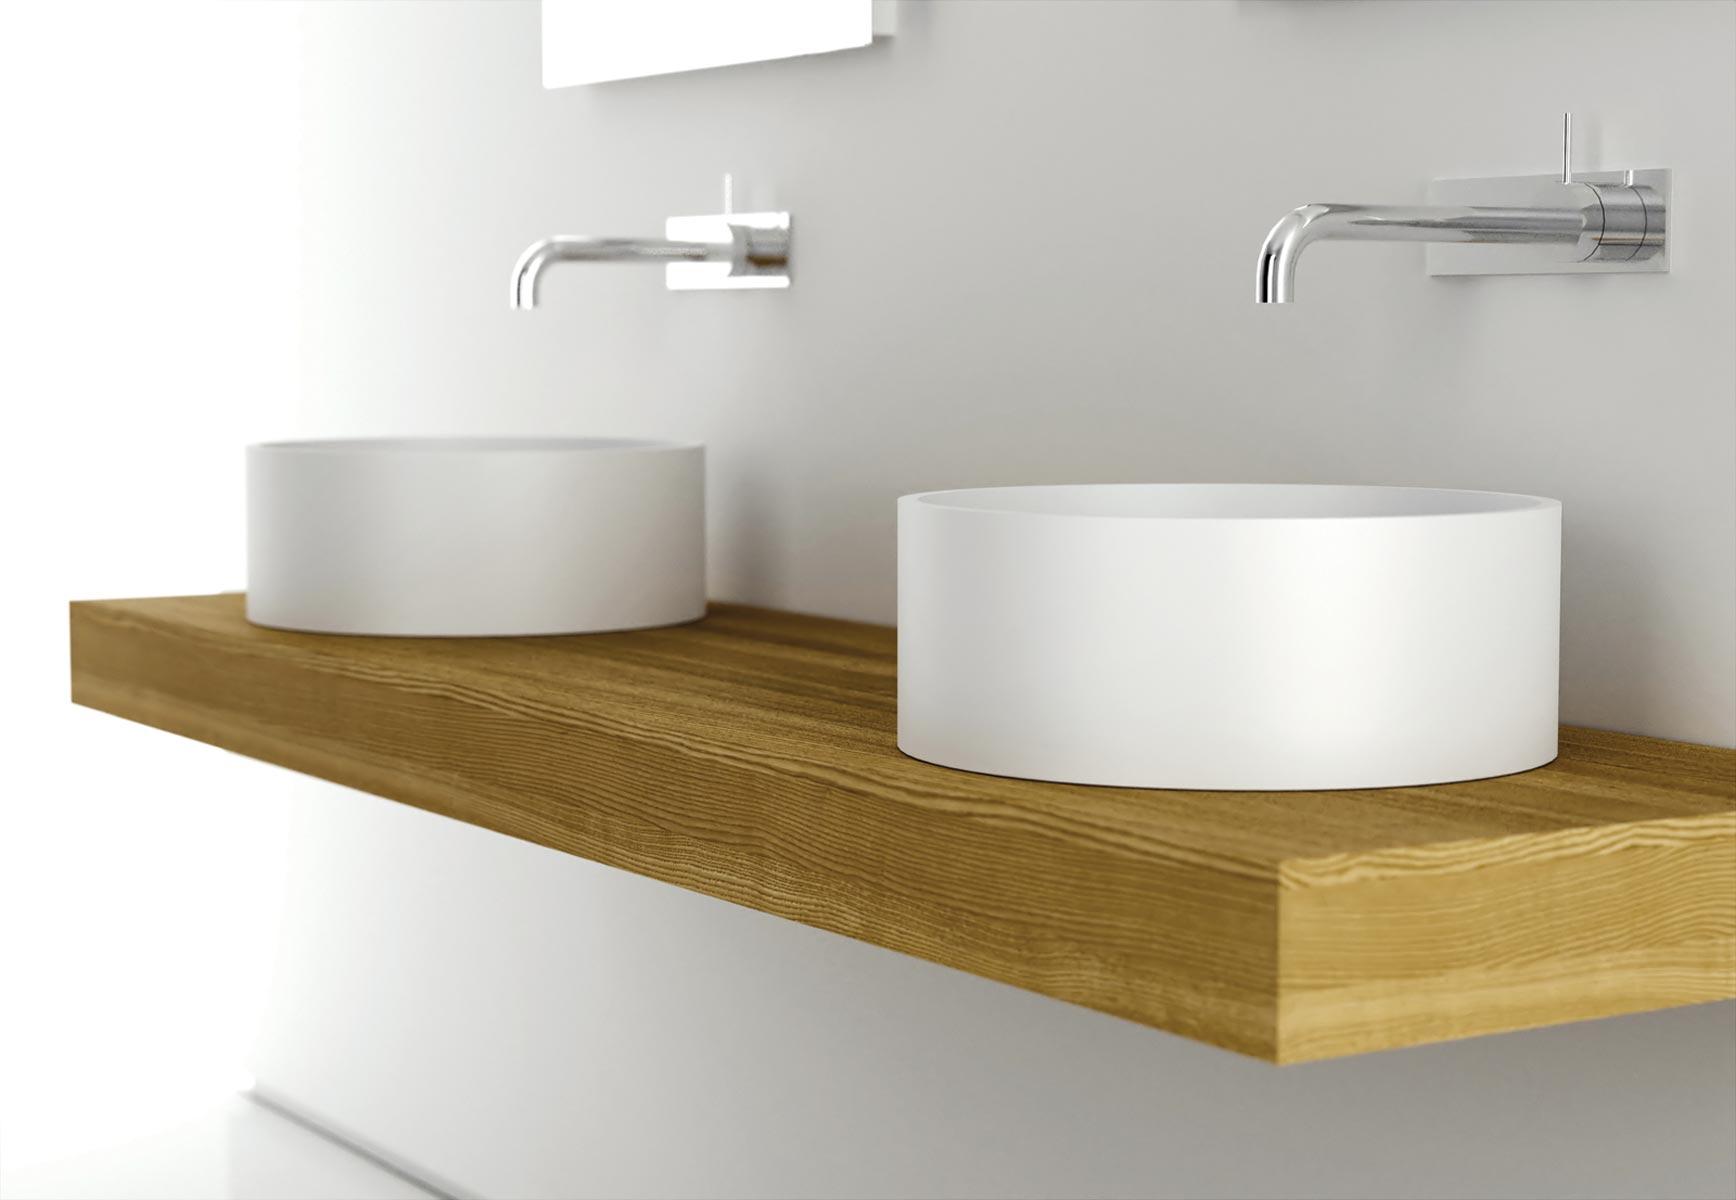 Bagno Rimini Leroy Merlin: Le foto dei mobili da bagno firmati ...